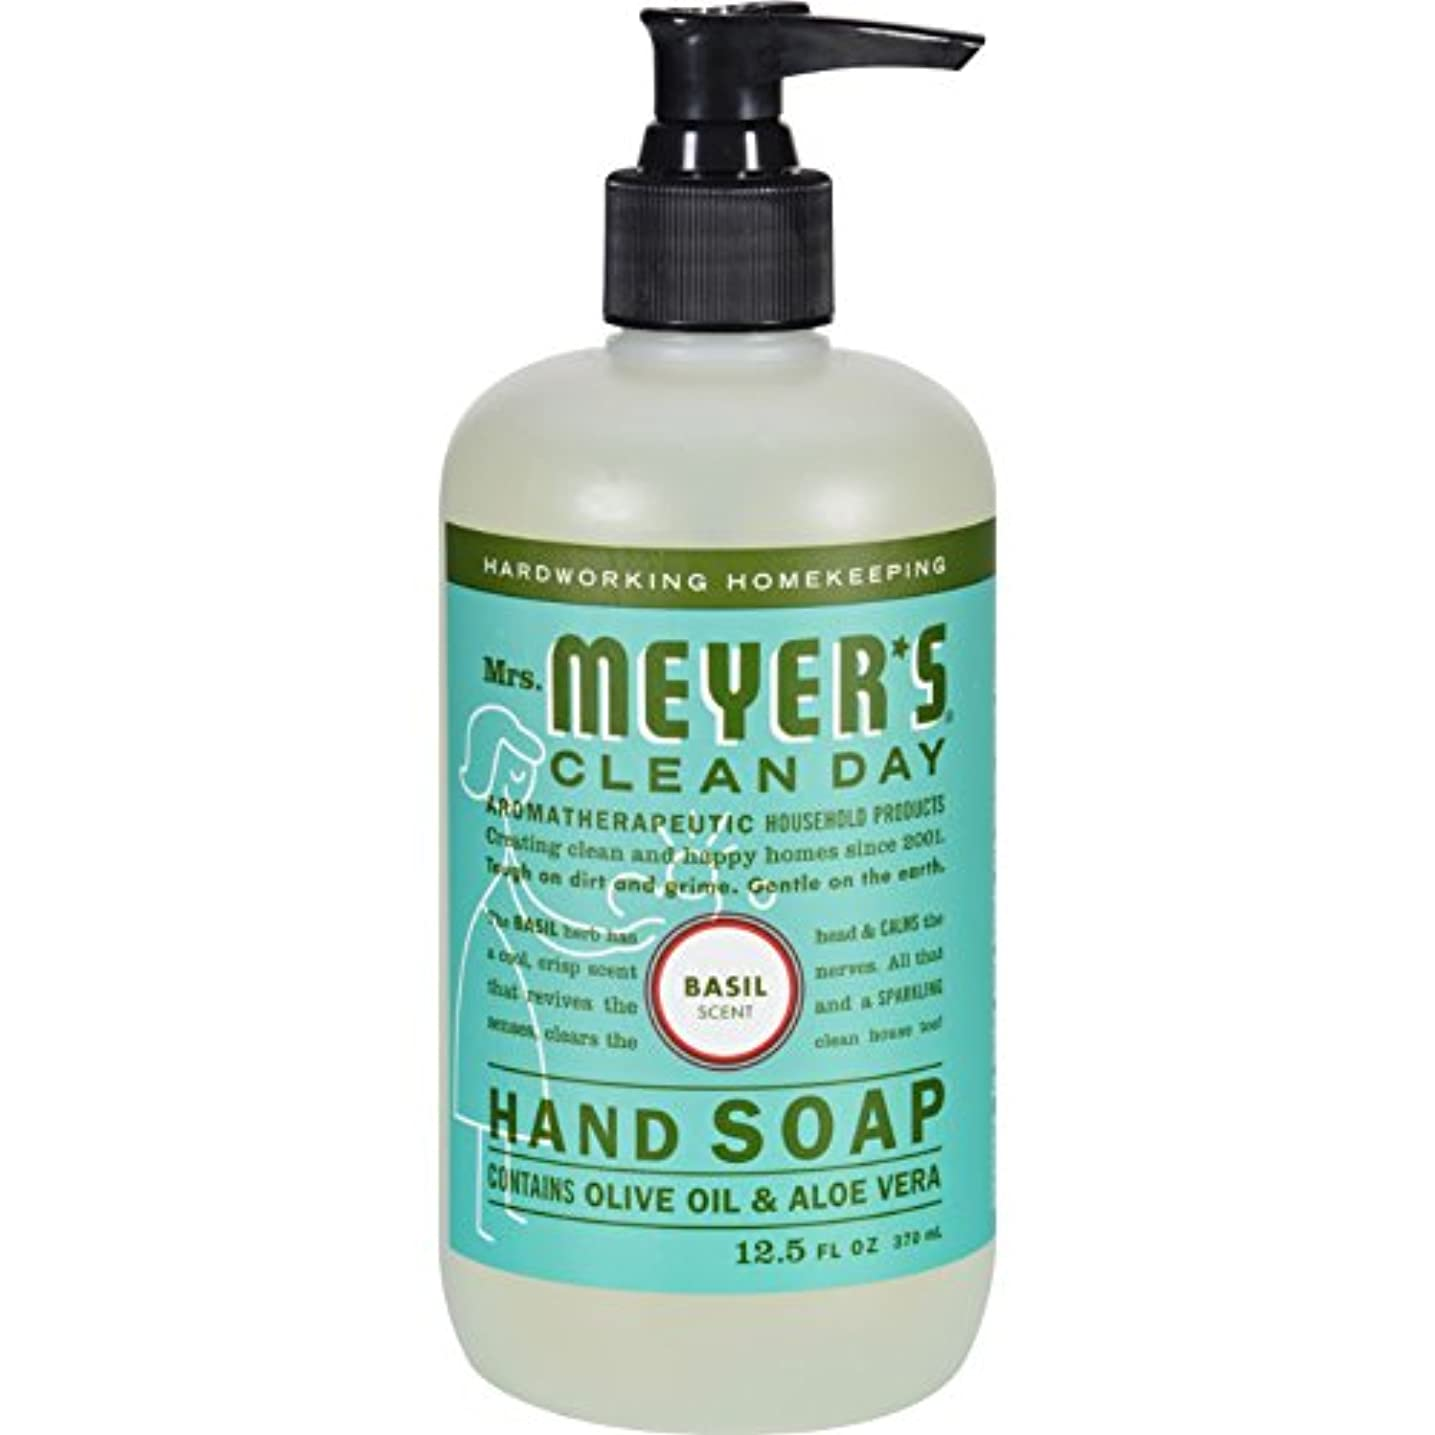 花火素晴らしいです染色MRS. MEYER'S HAND SOAP,LIQ,BASIL, 12.5 FZ by Mrs. Meyer's Clean Day